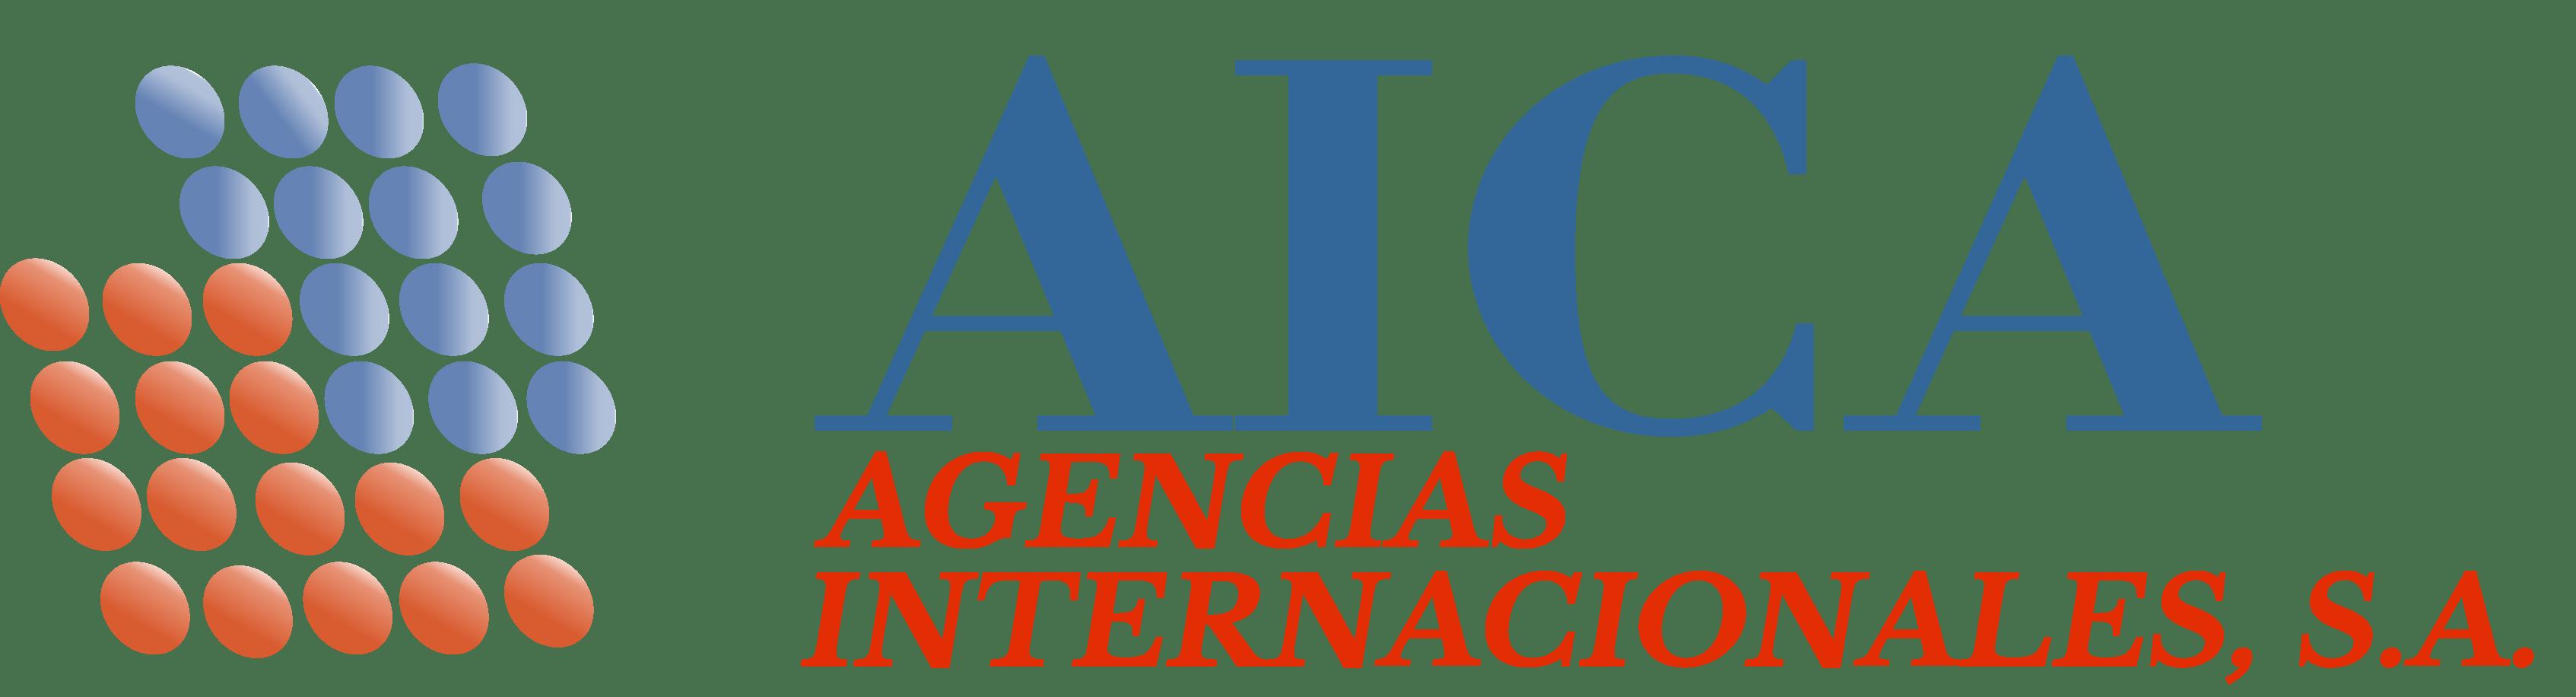 Agencias Internacionales, S.A.